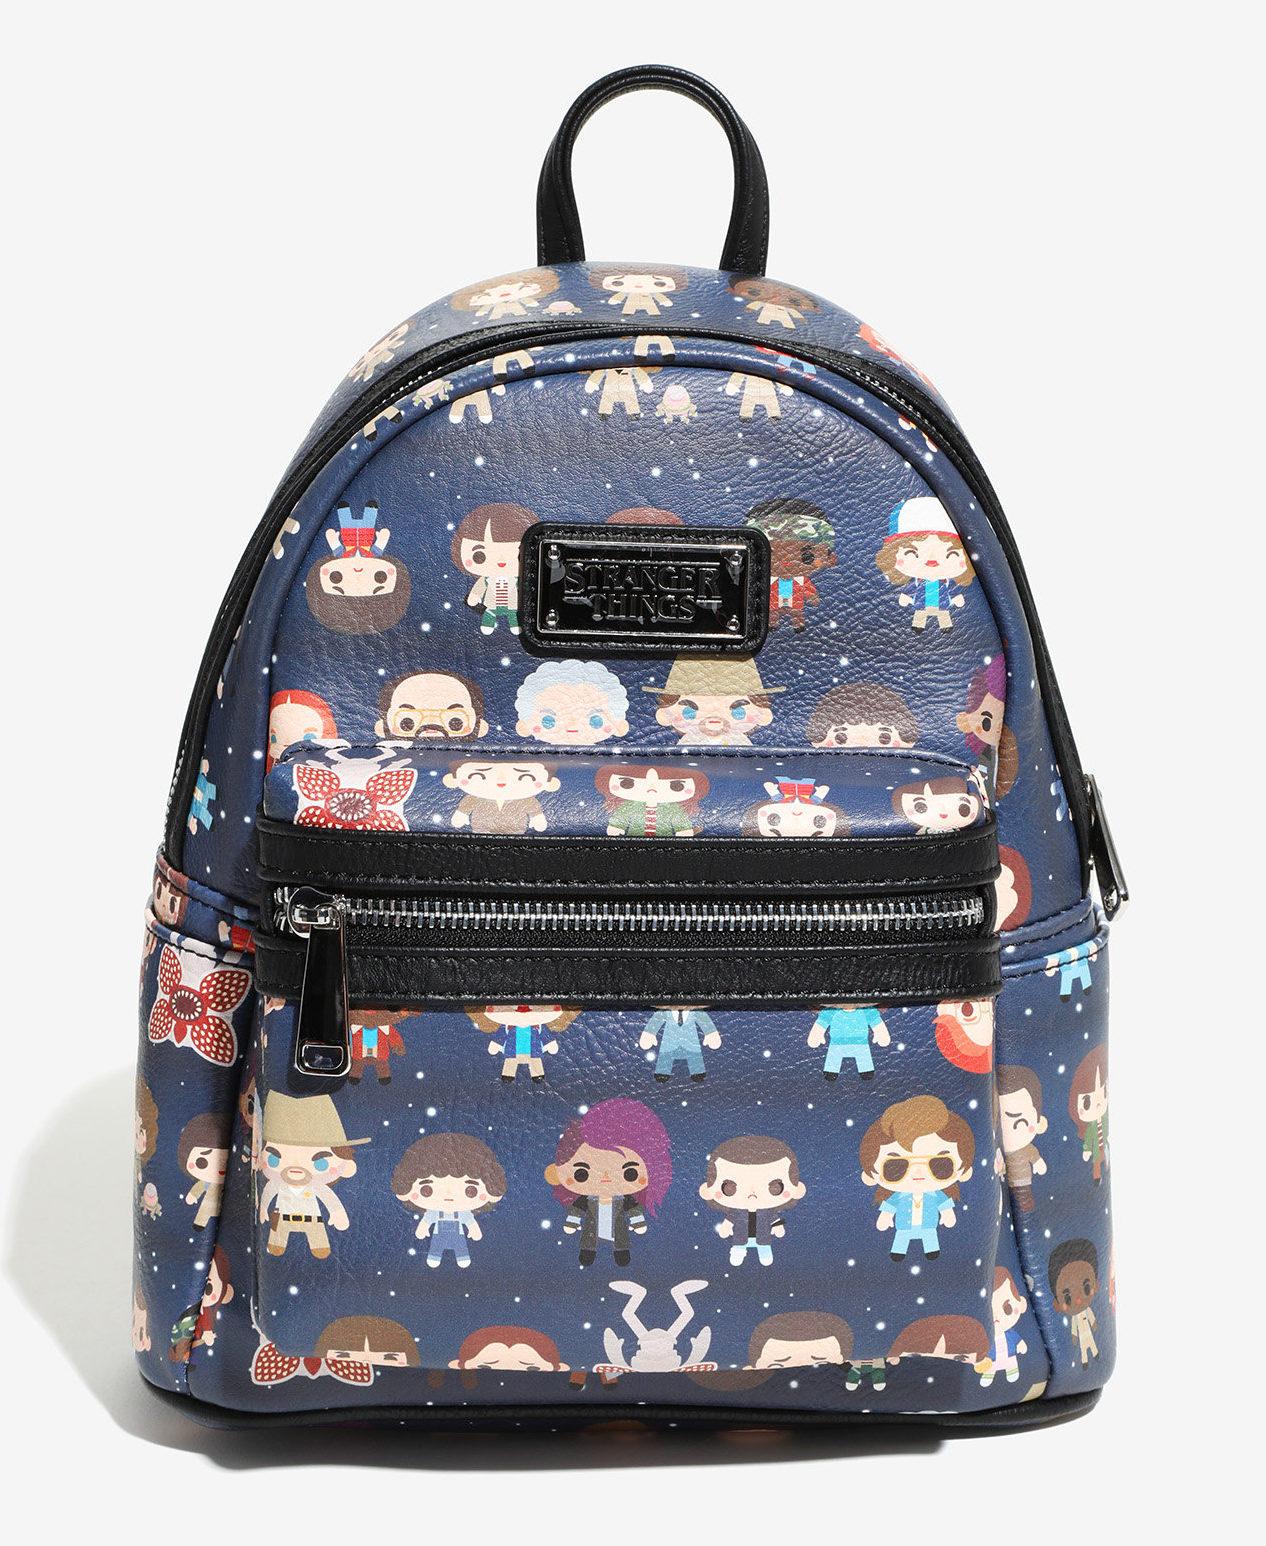 stranger-things-backpack-e1511849028436.jpeg